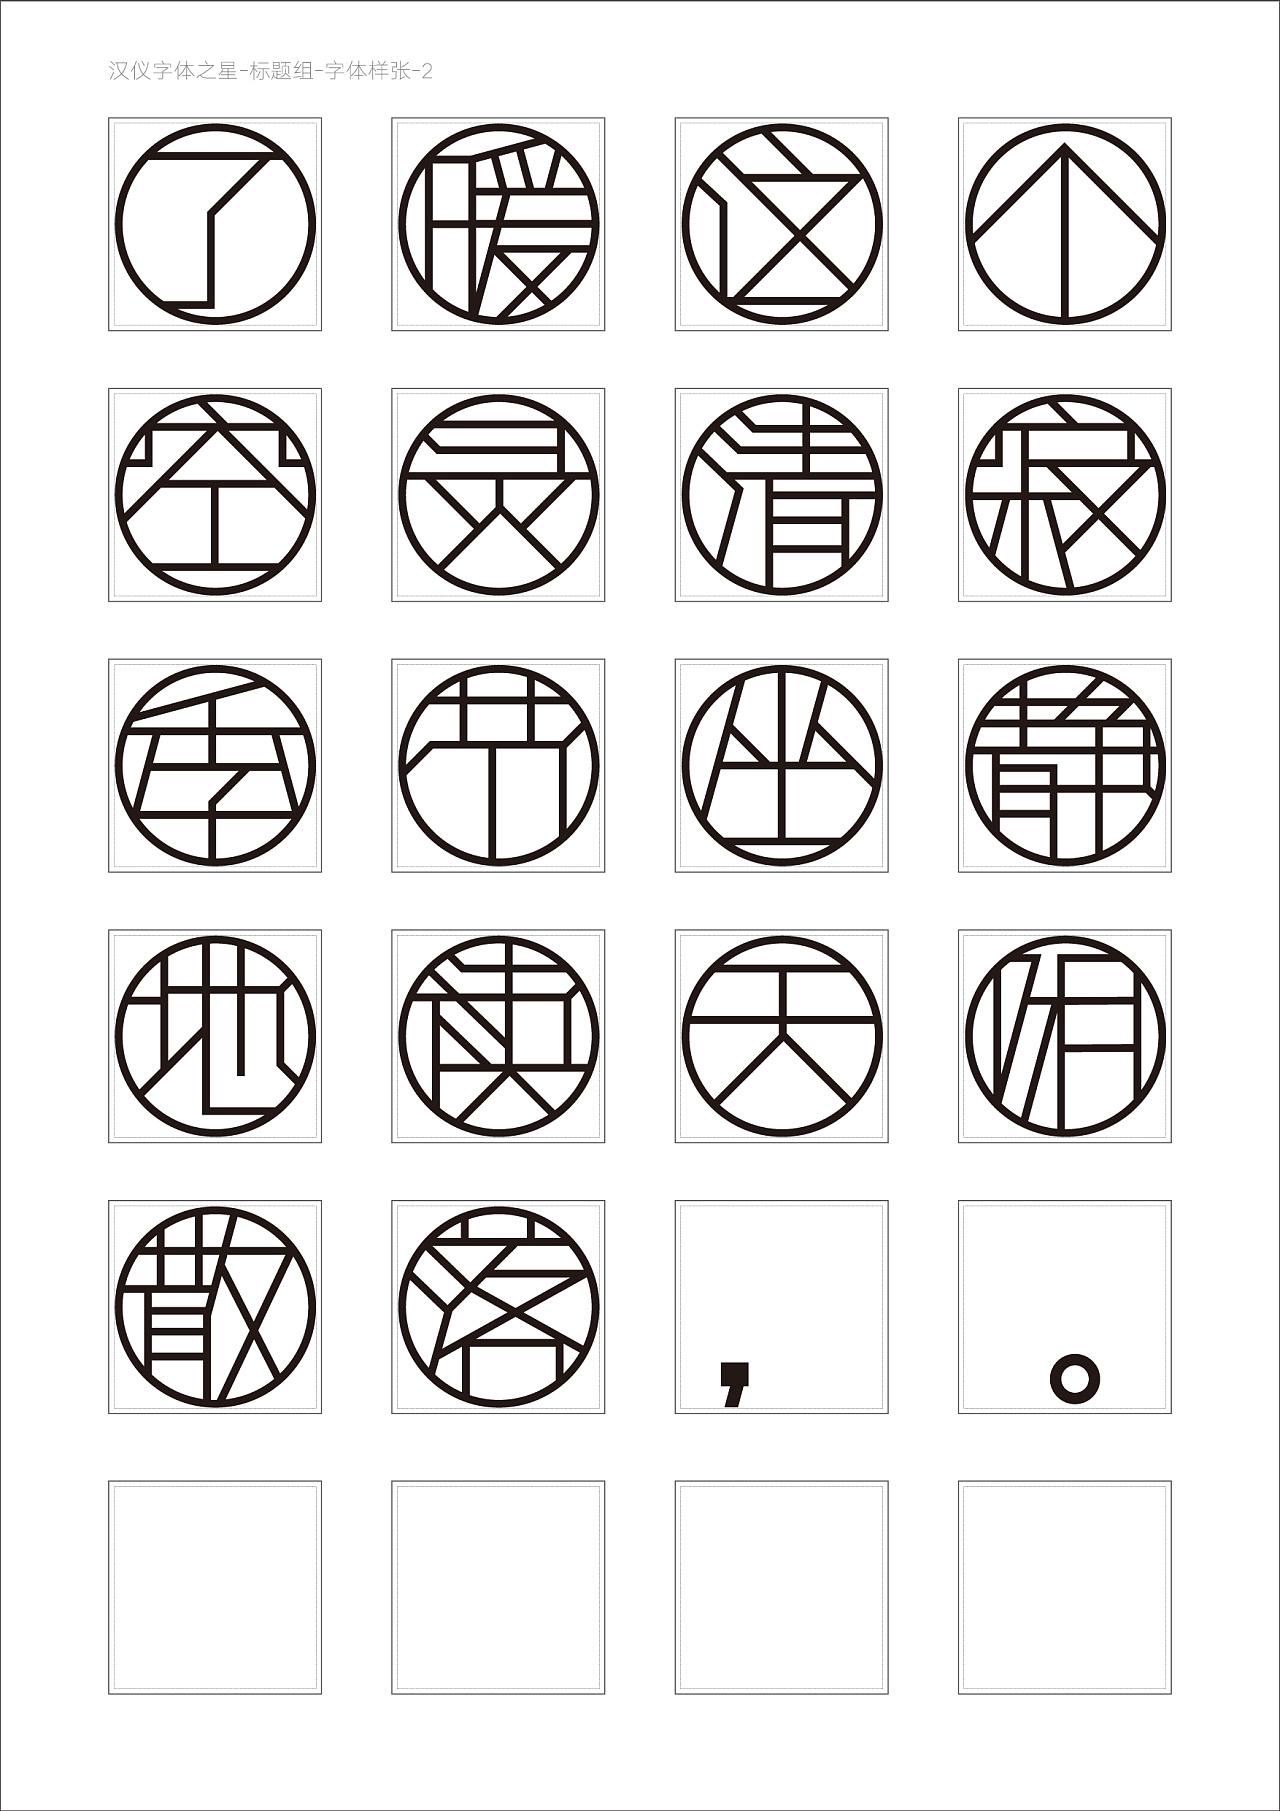 窗棂雅韵体 标题字体设计